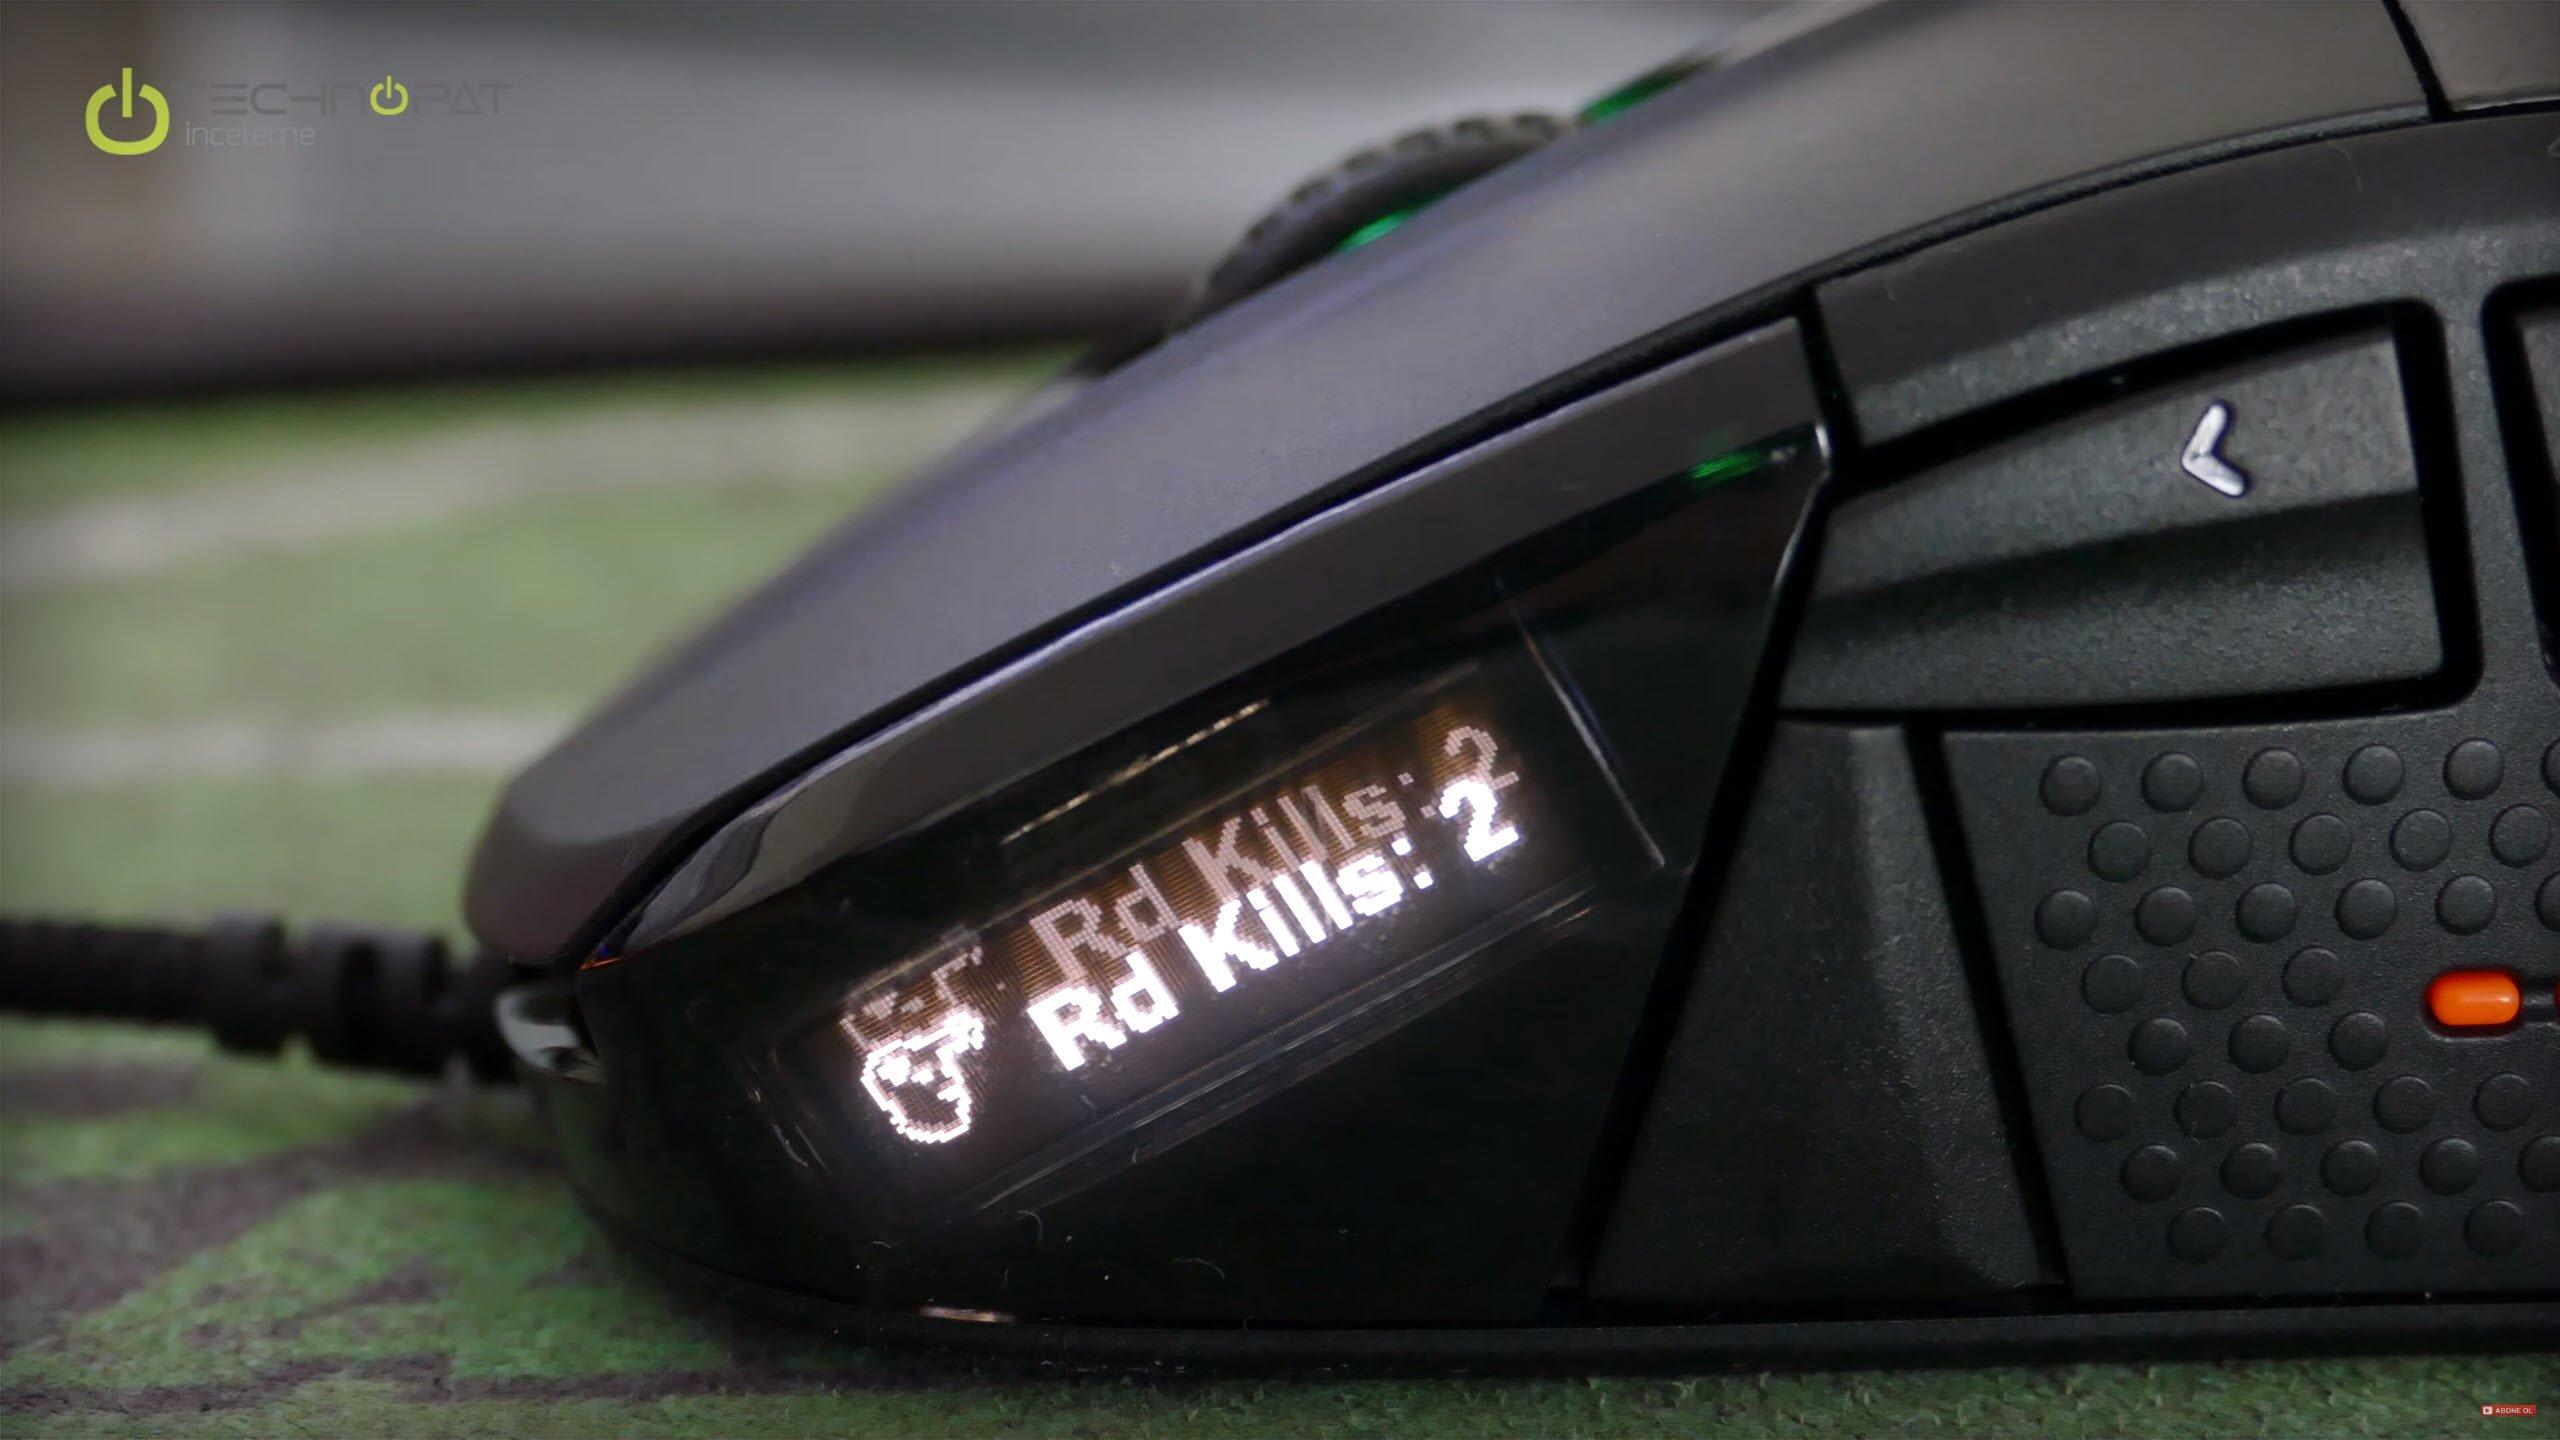 Steelseries Rival 700 Oyuncu Faresi İncelemesi